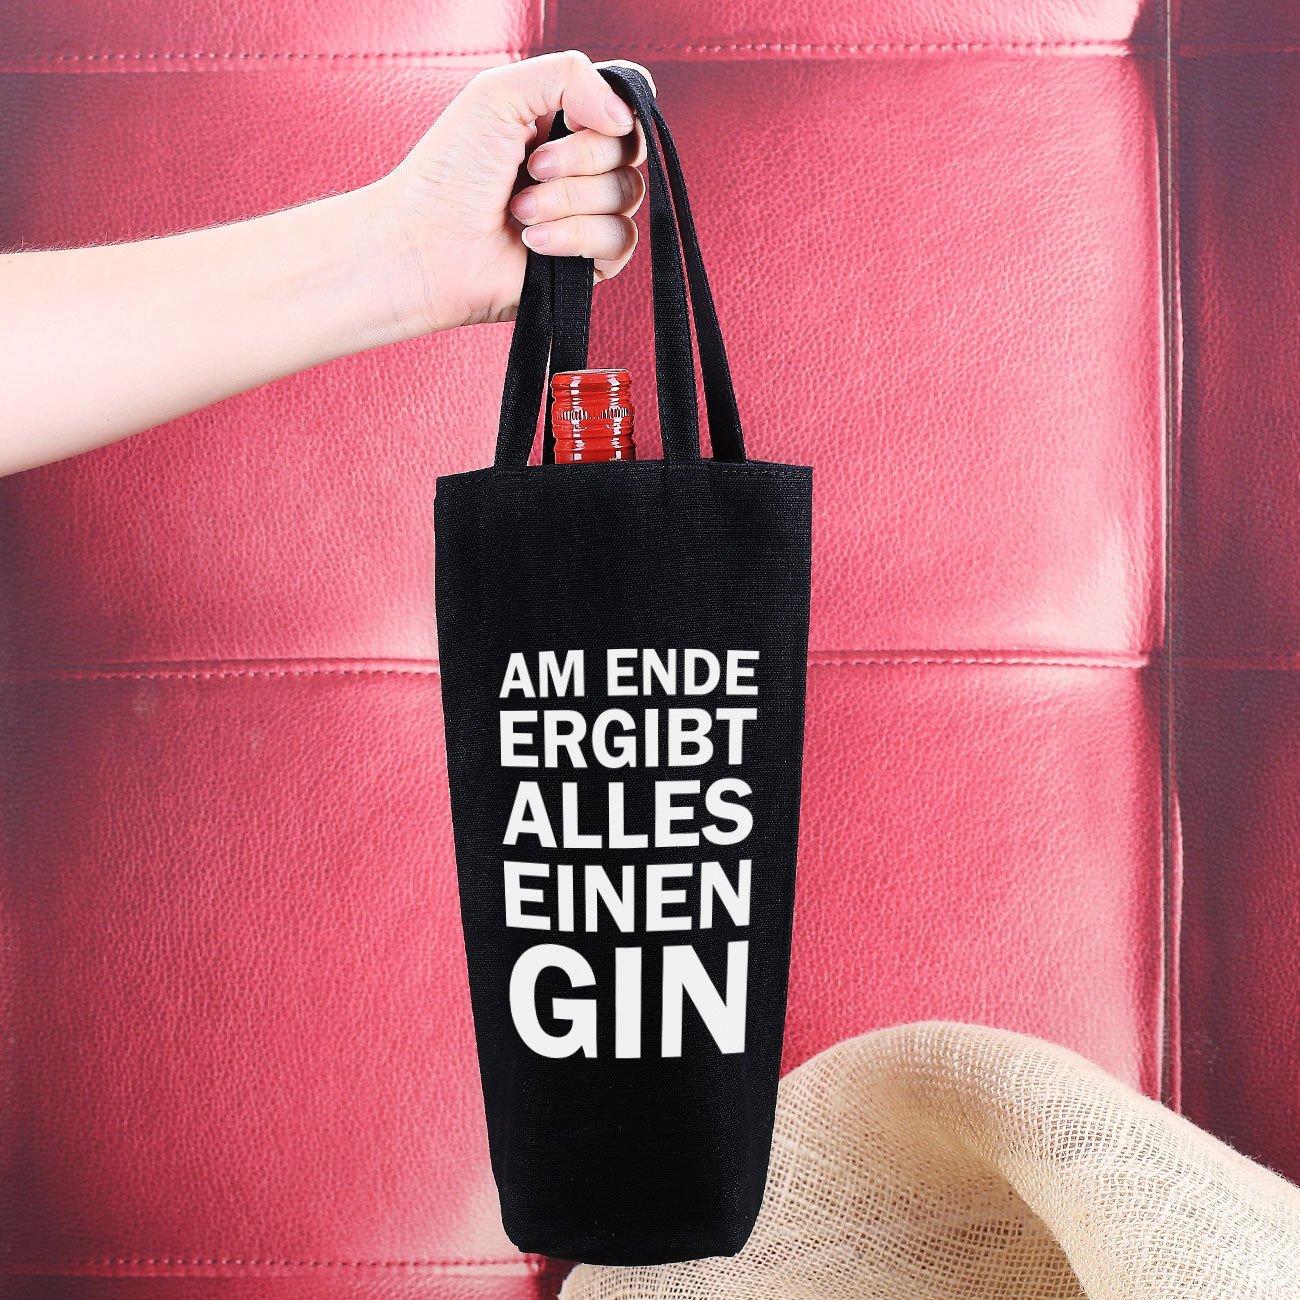 Herz /& Heim/® Flaschenbeutel zum Verschenken Am Ende ergibt alles einen Gin